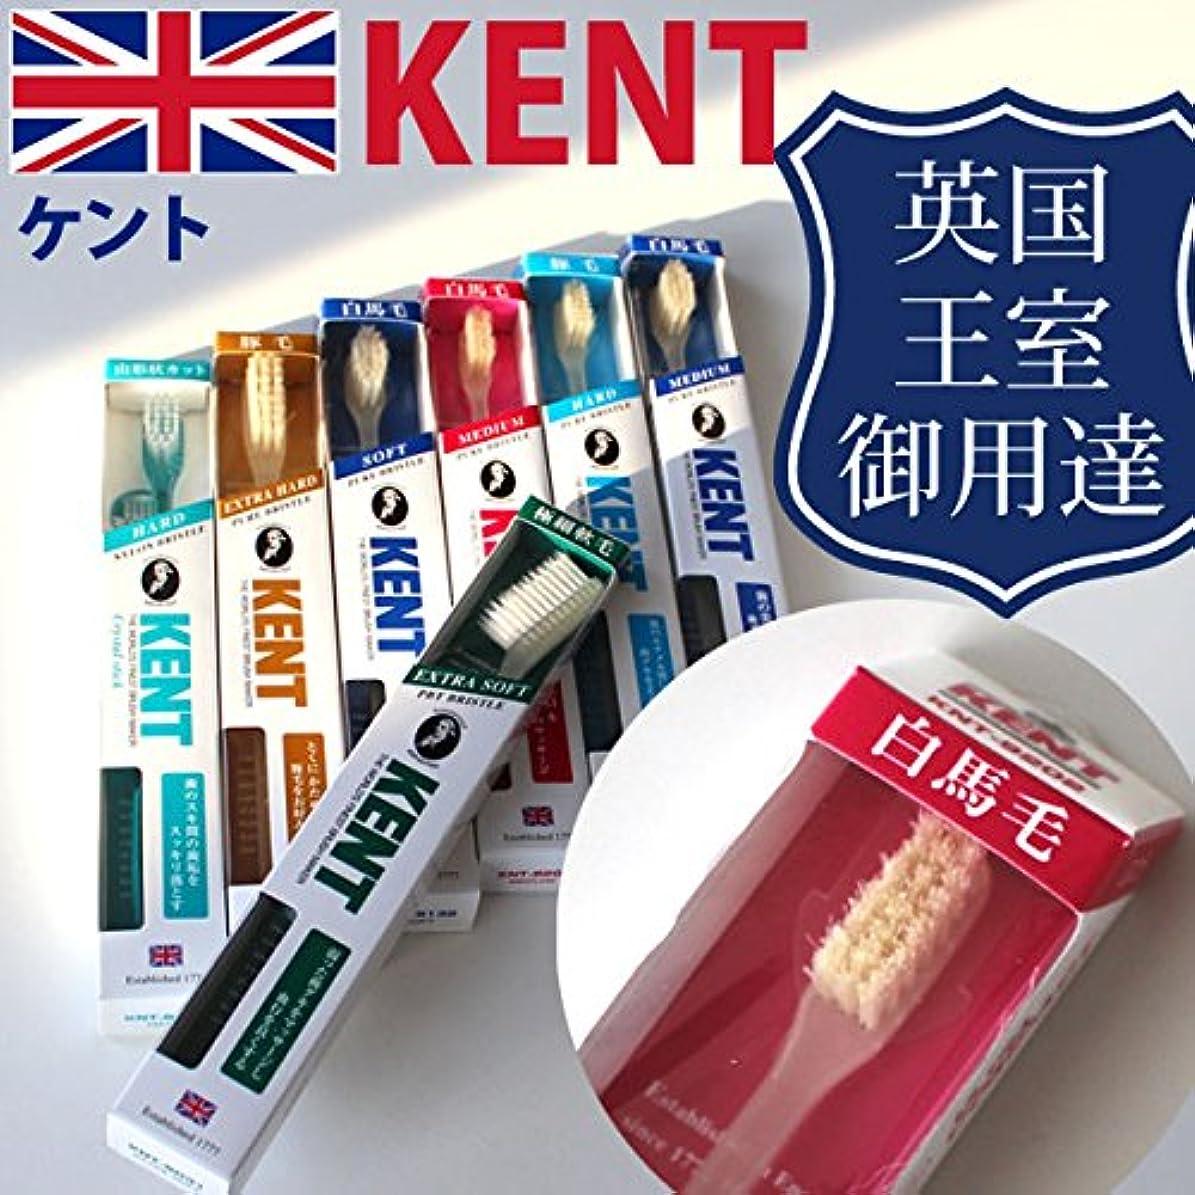 なくなる辞任する変わるケント KENT 白馬毛 超コンパクト歯ブラシ KNT-9102/9202 6本入り 他のコンパクトヘッドに比べて歯 ふつう